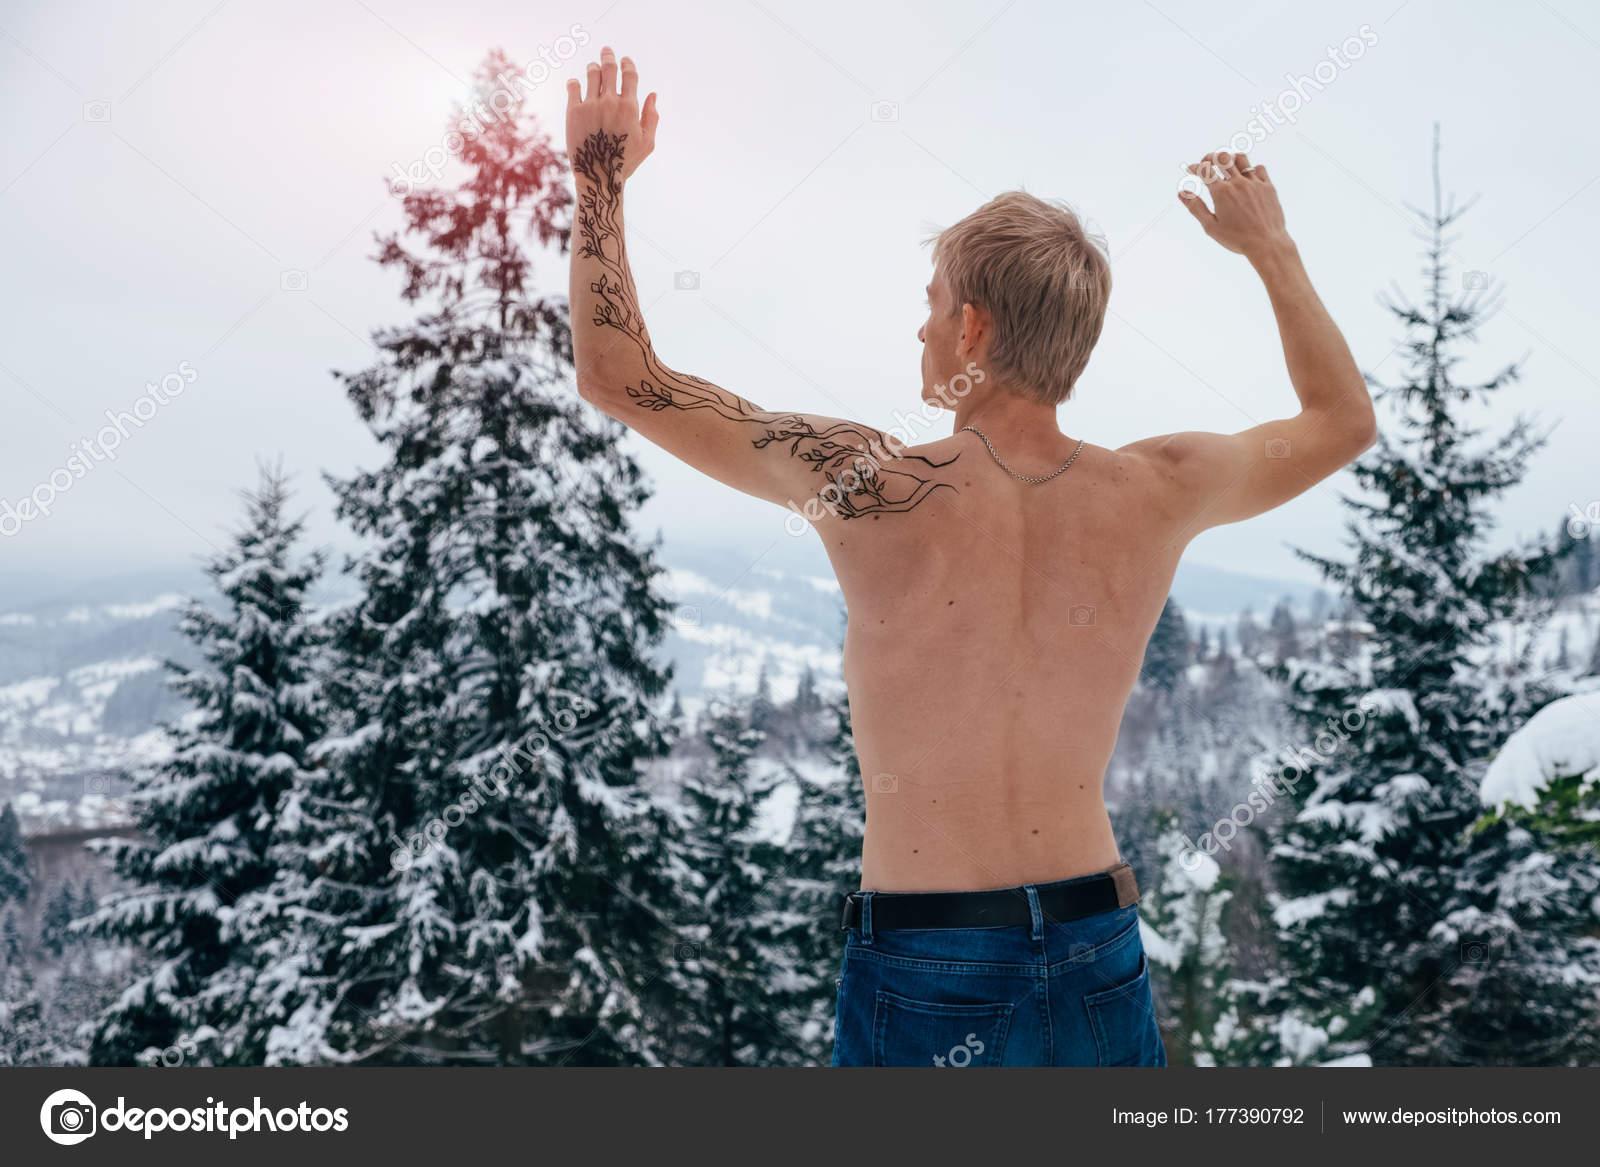 Fabulous Inspiratie en expressie concept, de man met tattoo in de winter fo @CH28